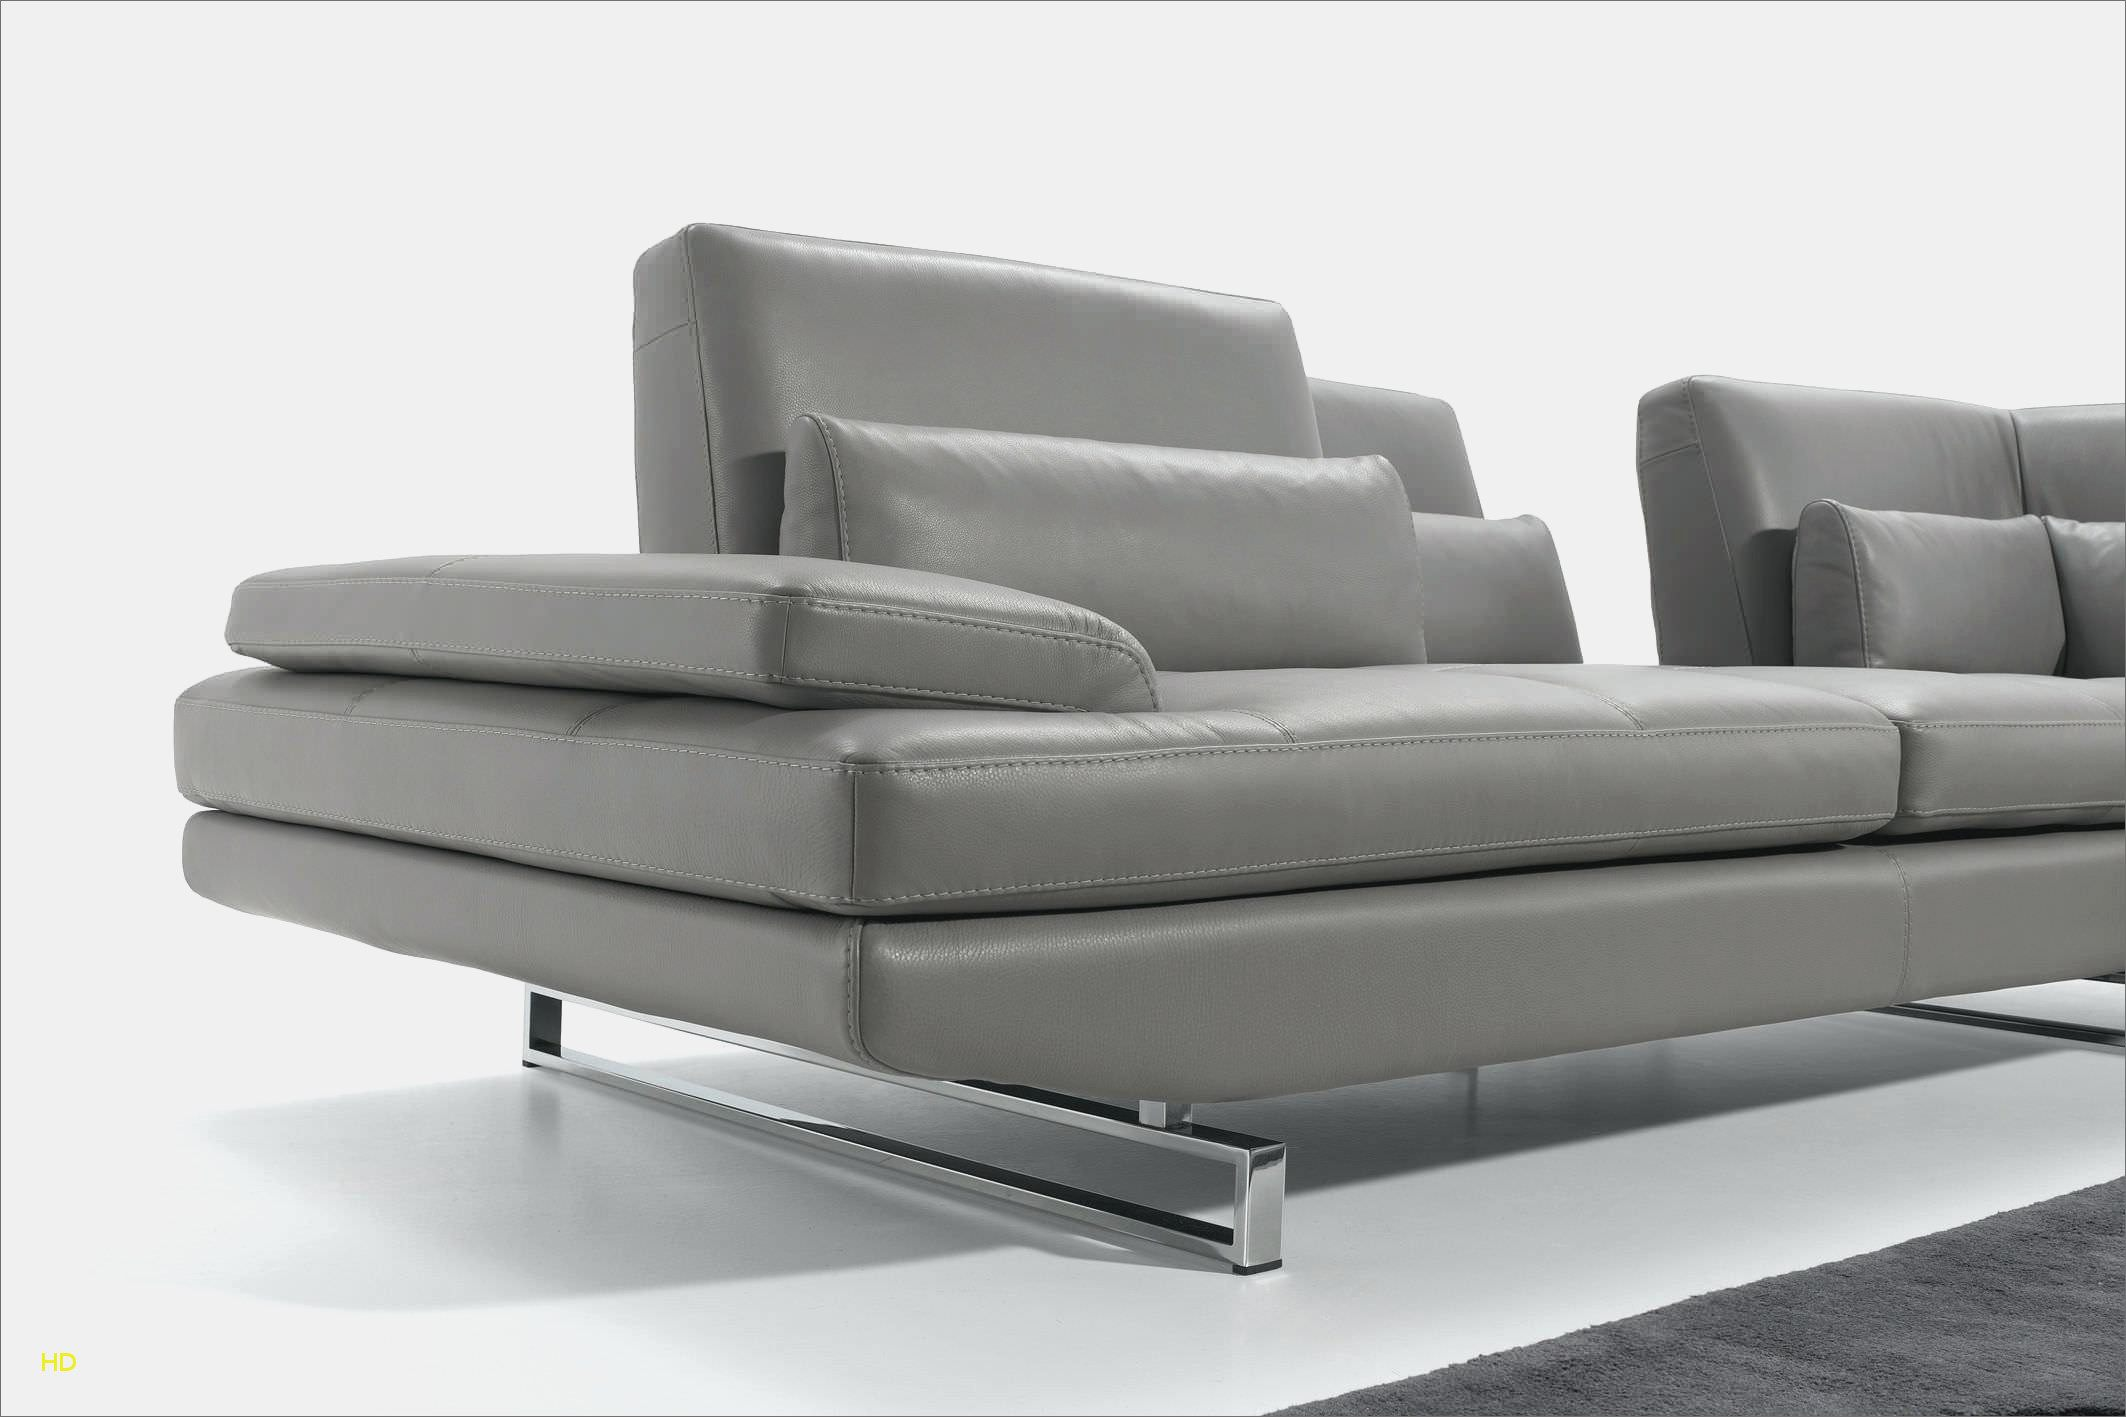 Lit Superposé Canapé Impressionnant Captivant Canapé Lit Moderne Dans Lit Biné Armoire Fresh Lit